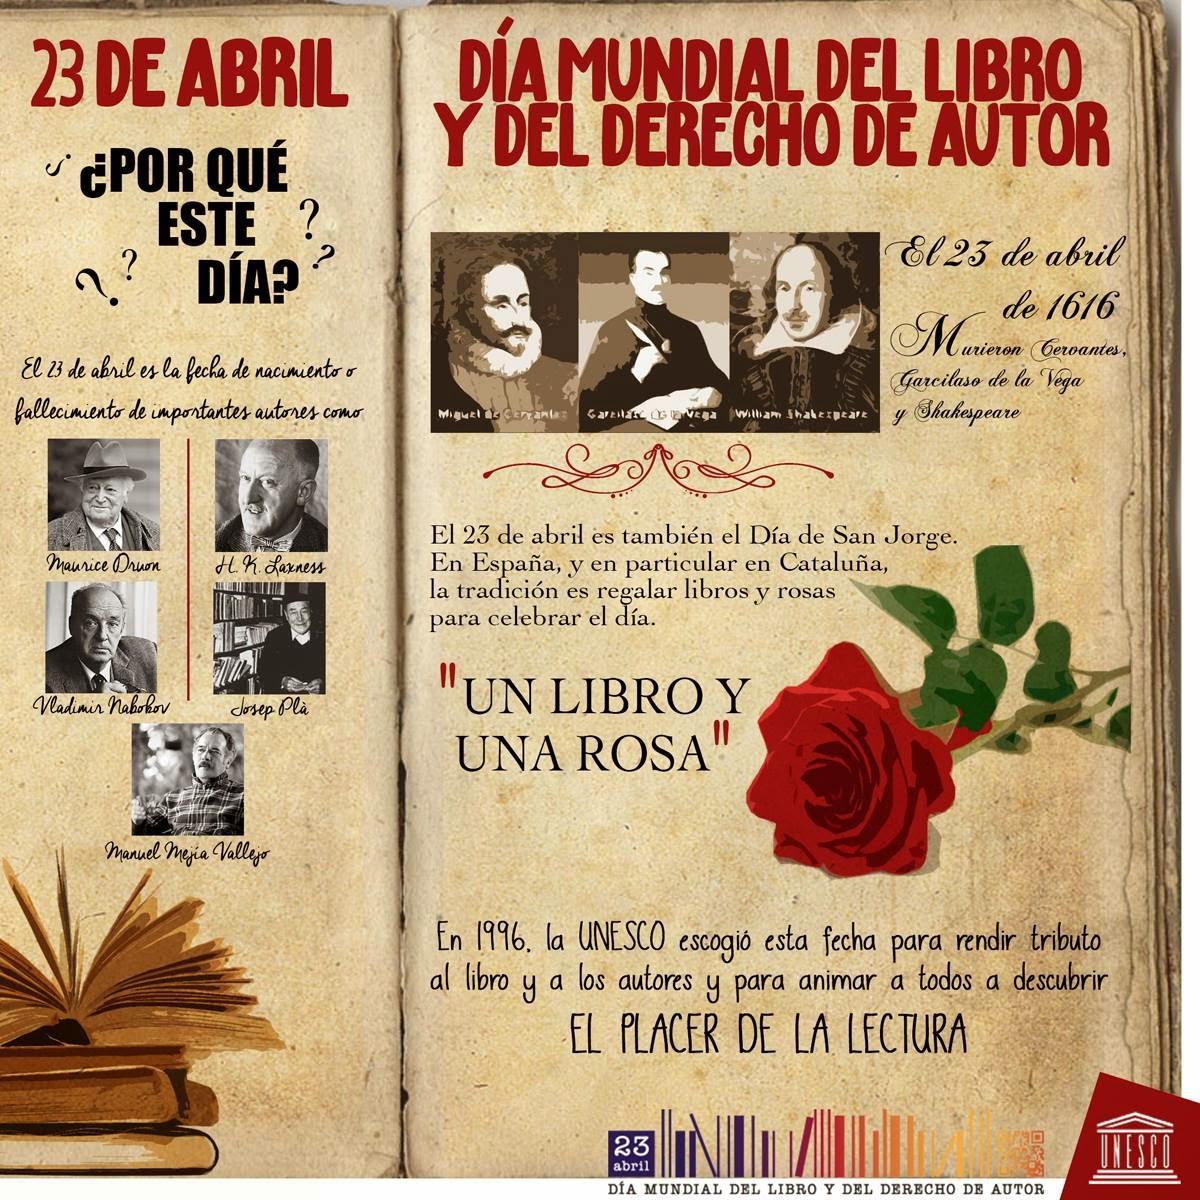 Dia-mundial-del-libro-y-del-derecho-de-autor-Libro-y-Rosa-UNESCO-ES.jpg